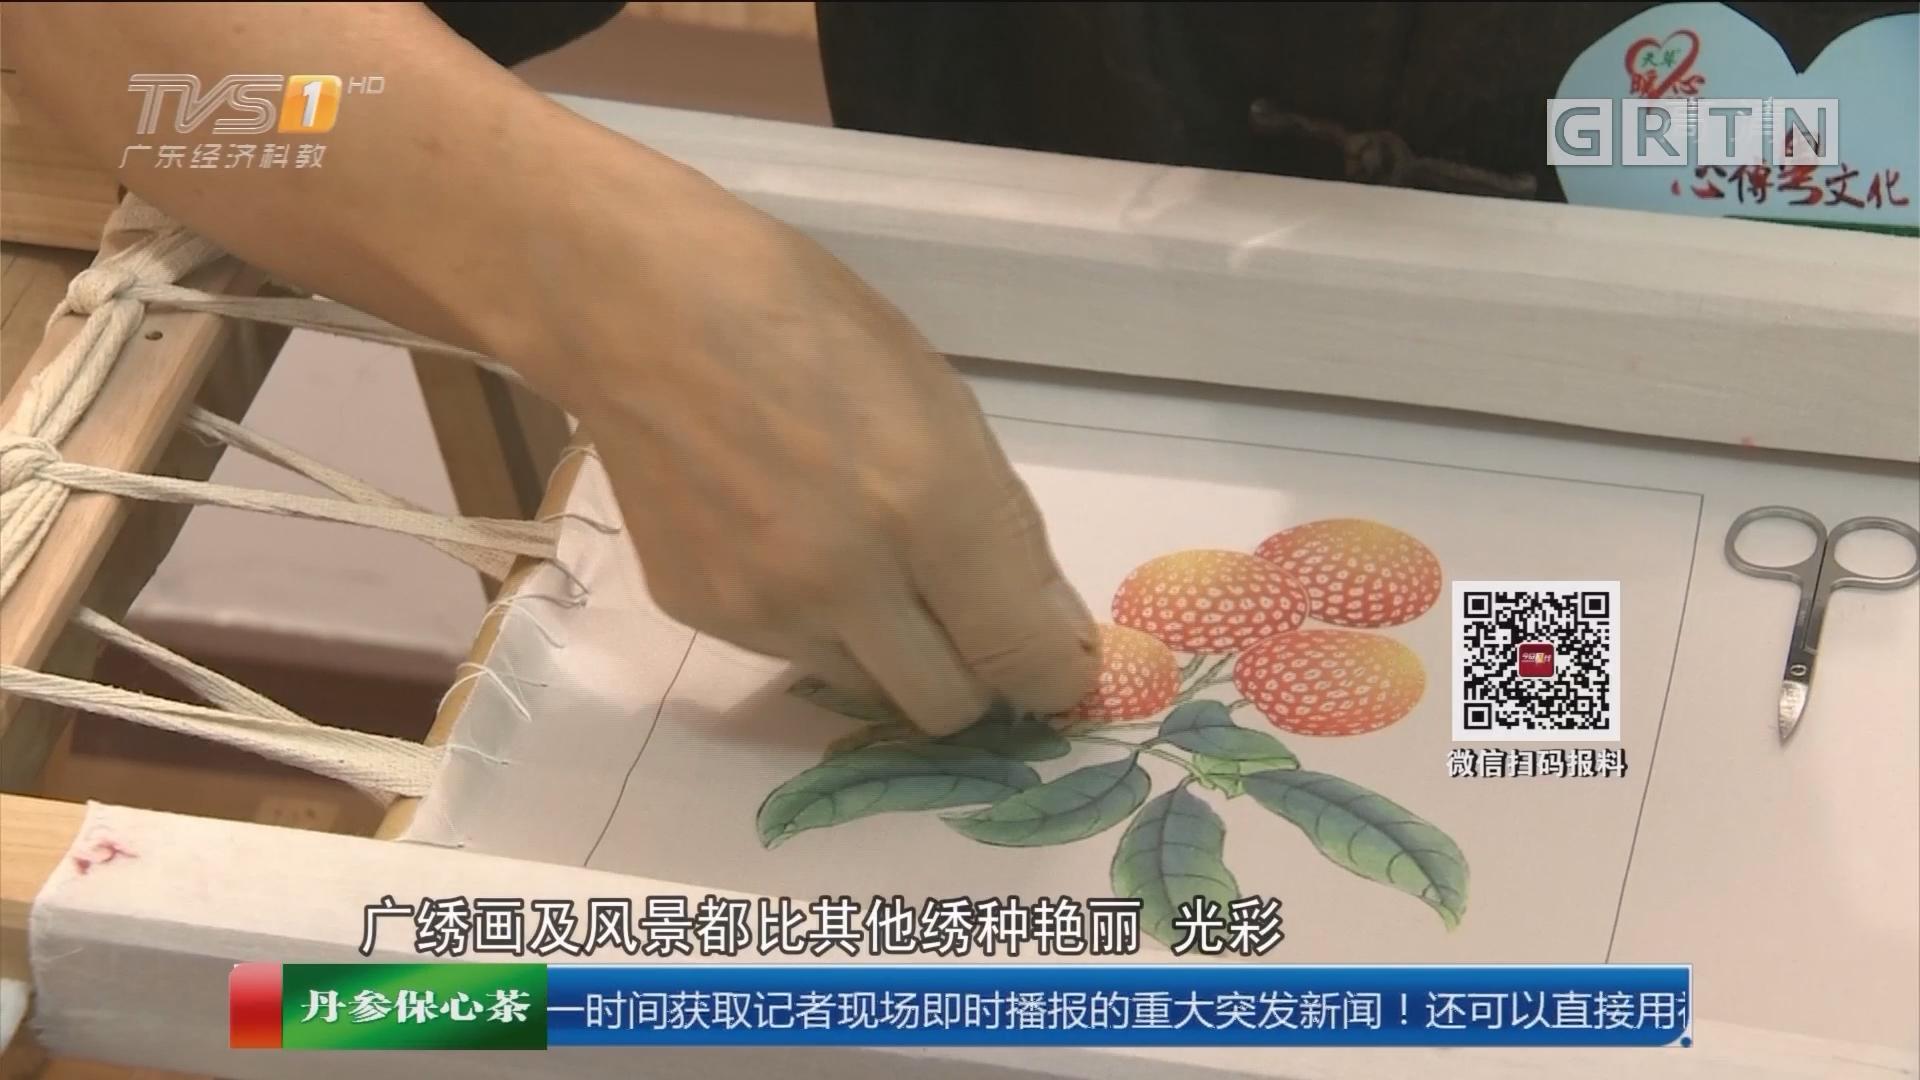 广州:广绣作品栩栩如生 数万针细腻讲究